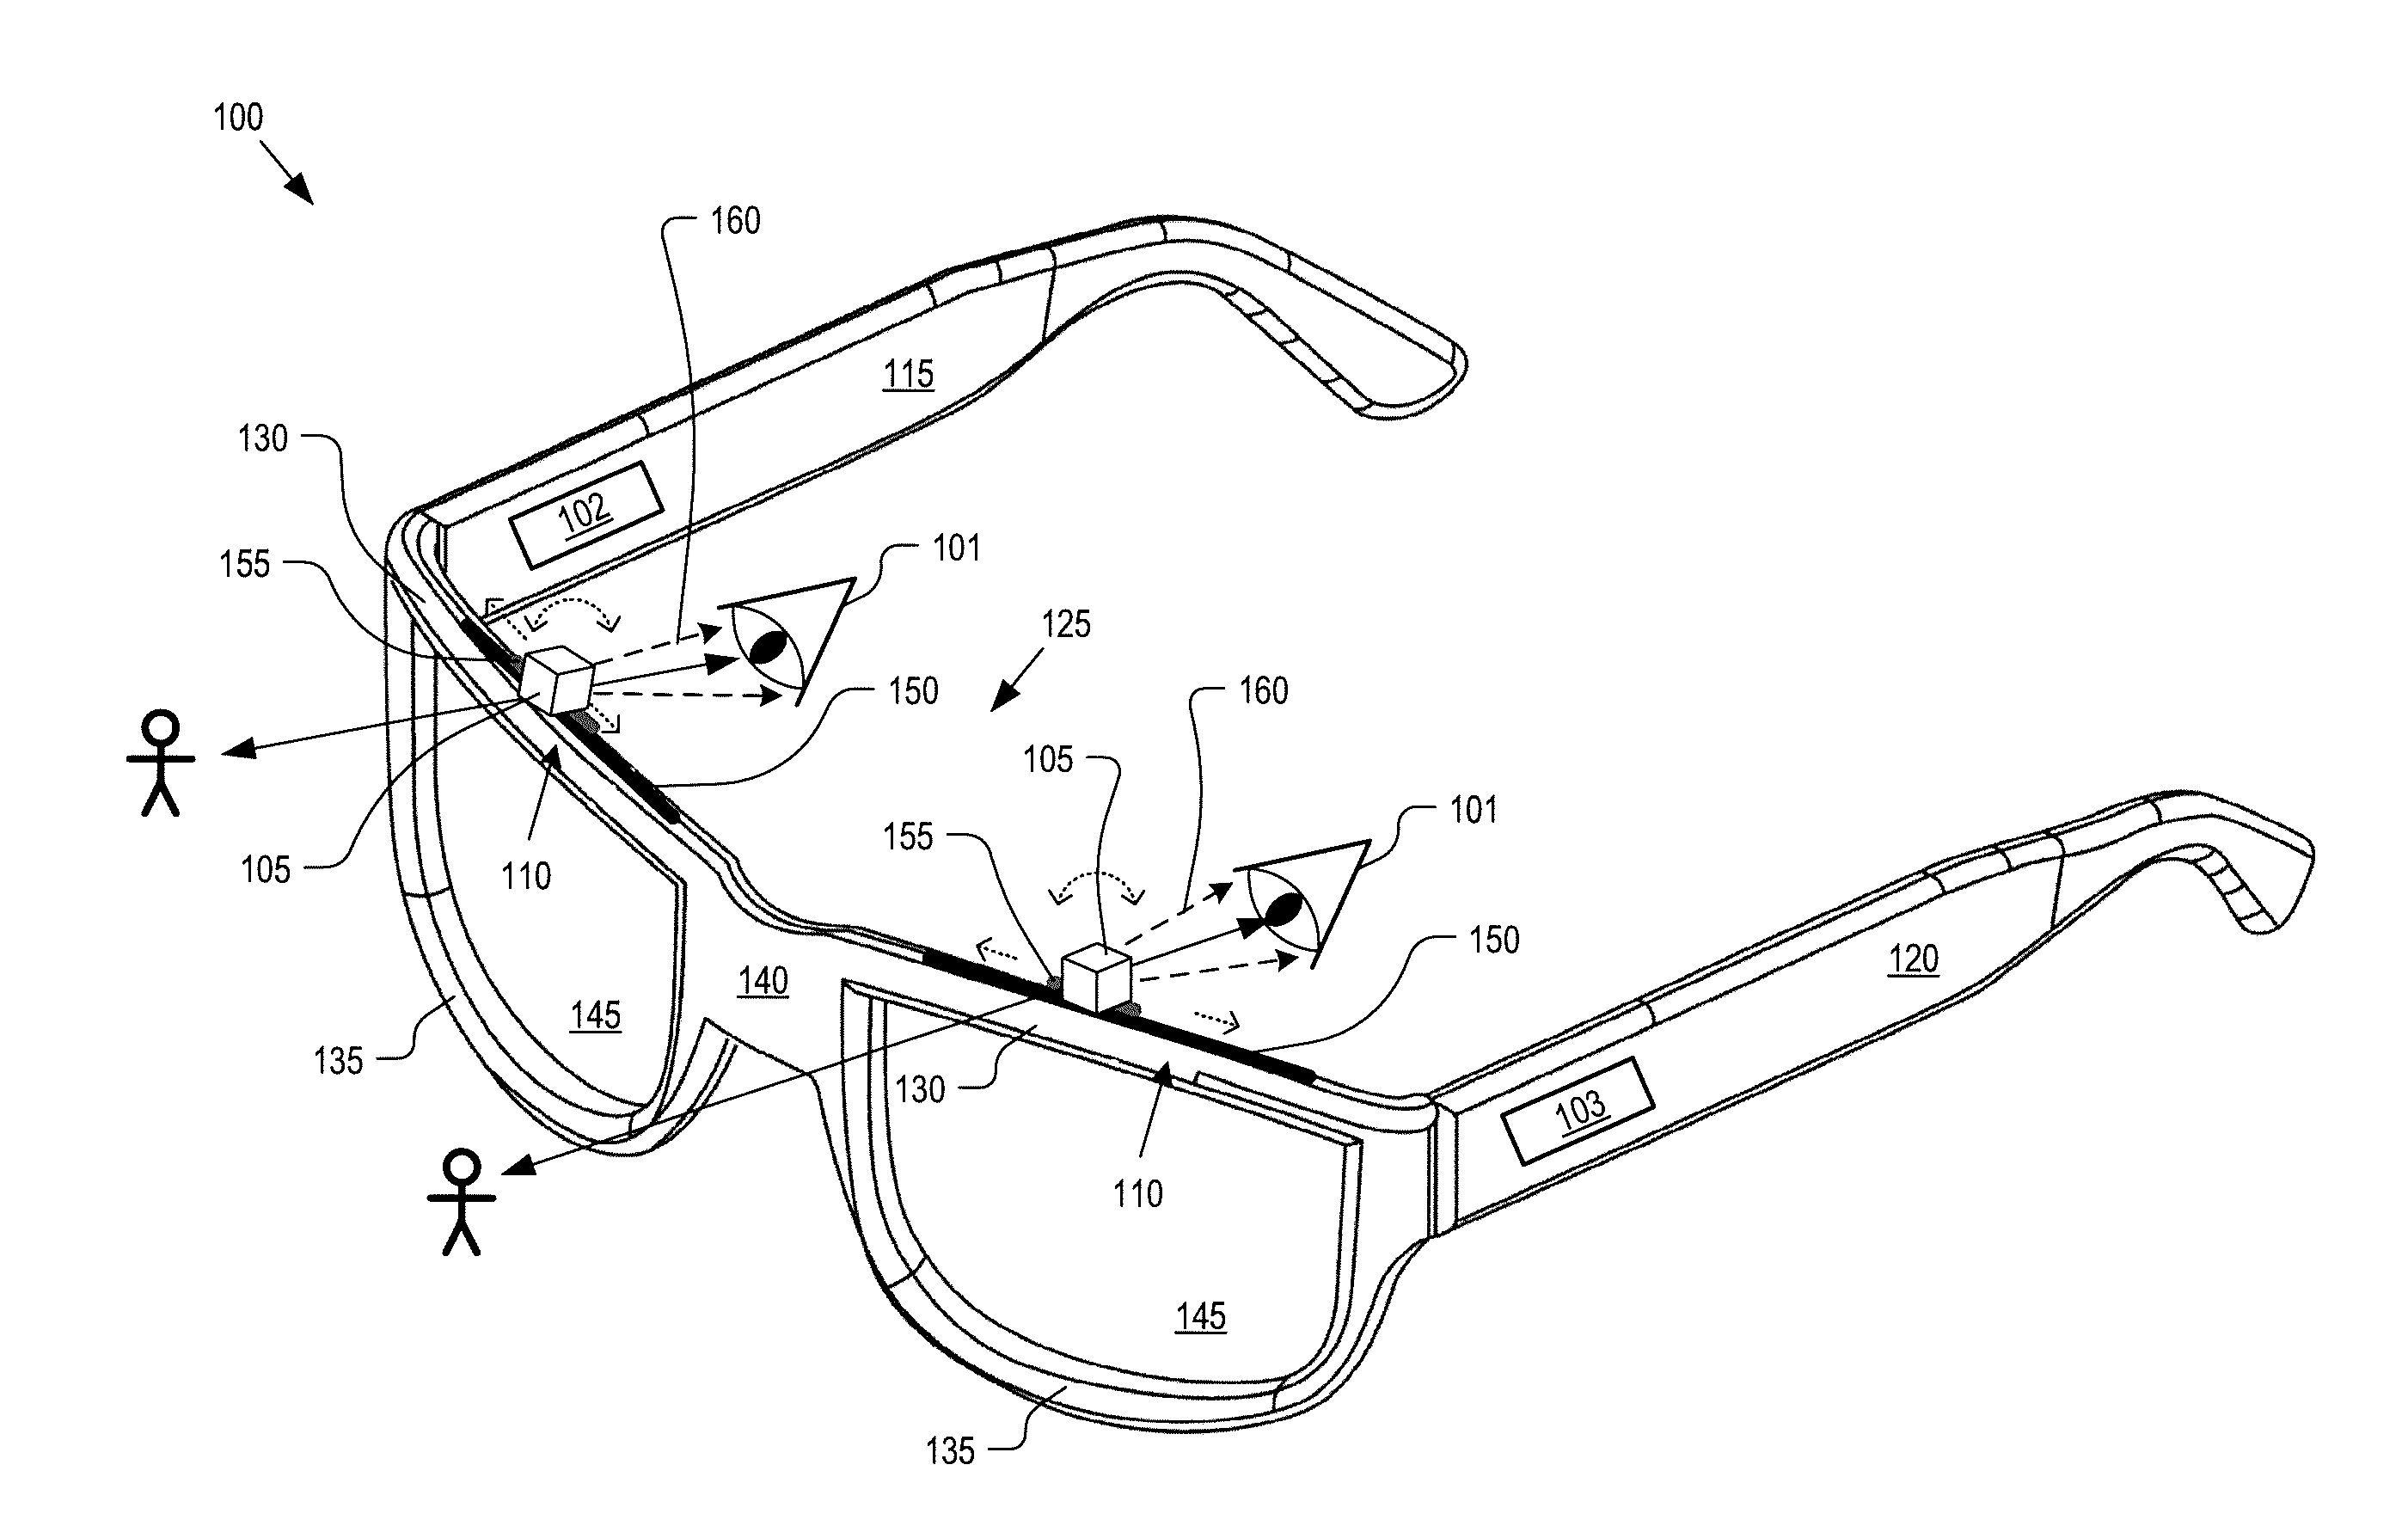 Nueva patente de Google Glass con cambios en el diseño de sus monturas.